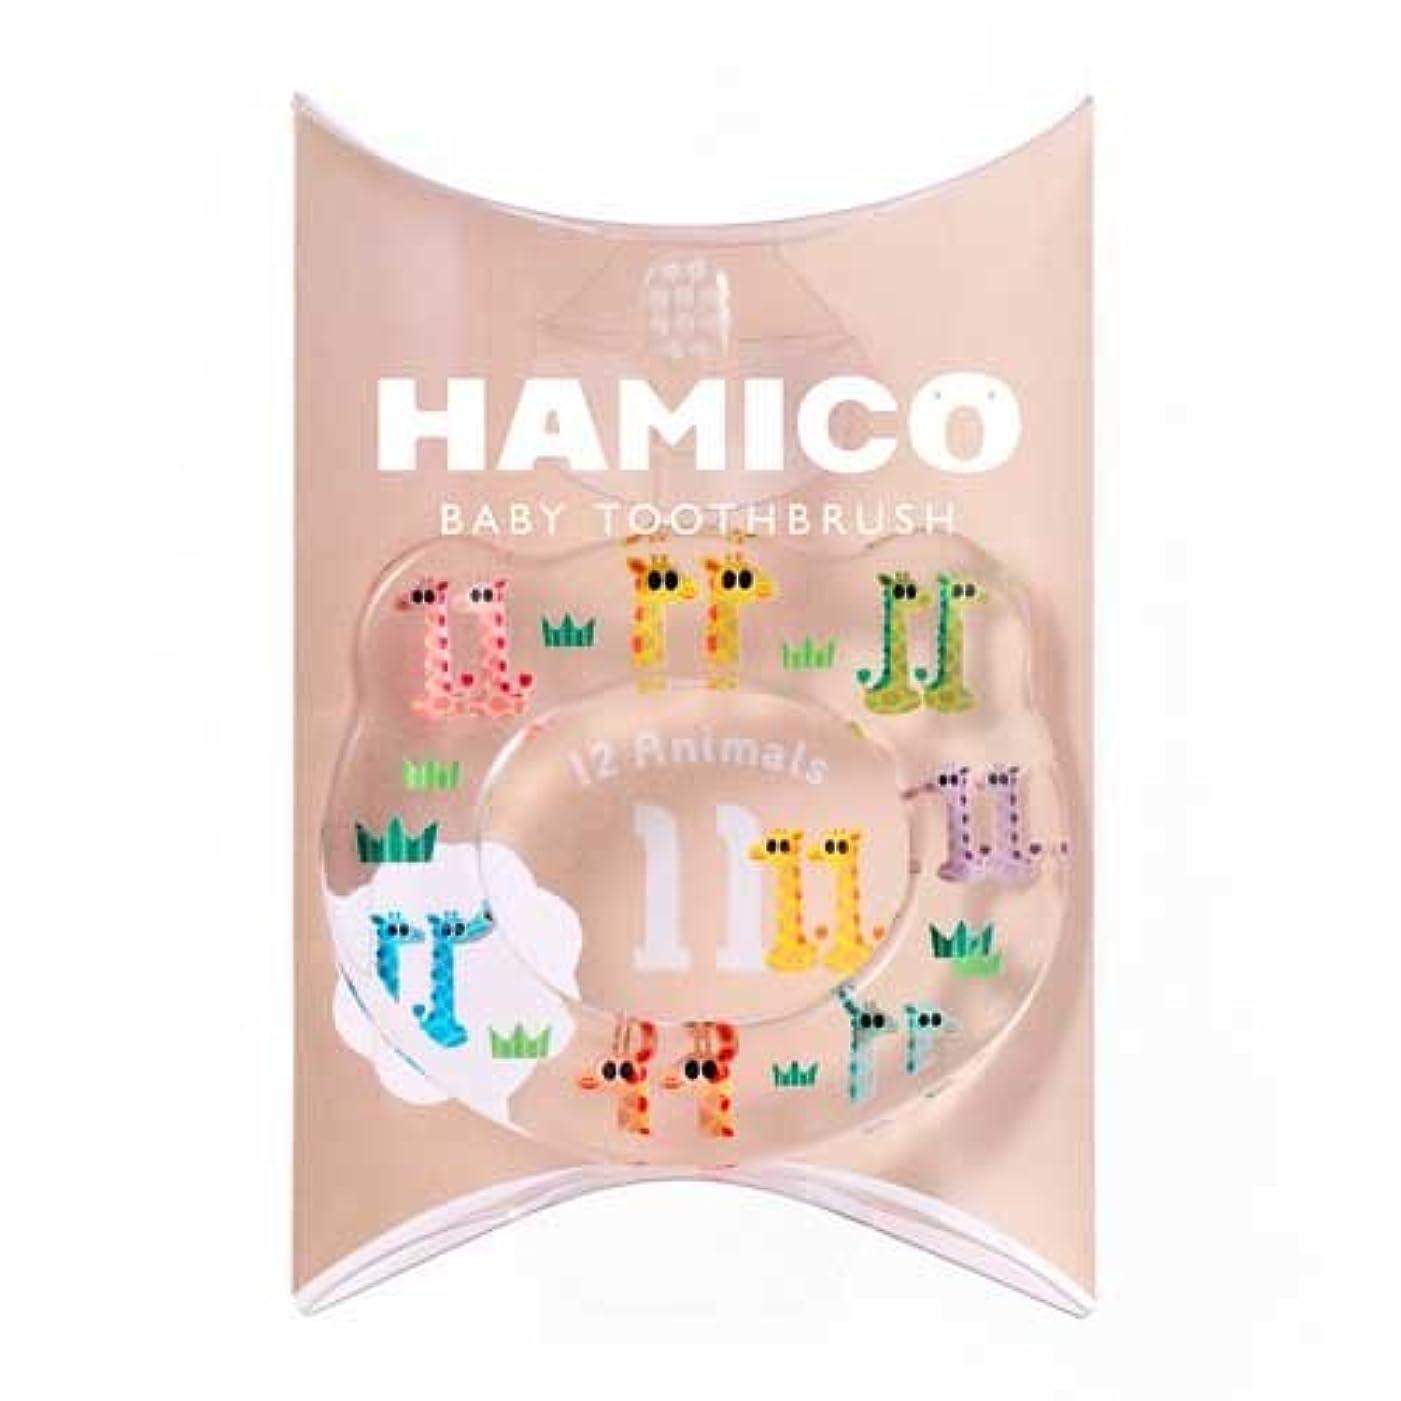 専門ラッシュシンプルさHAMICO(ハミコ) ベビー歯ブラシ 「12 Animals(12アニマルズ)」シリーズ キリン (11)